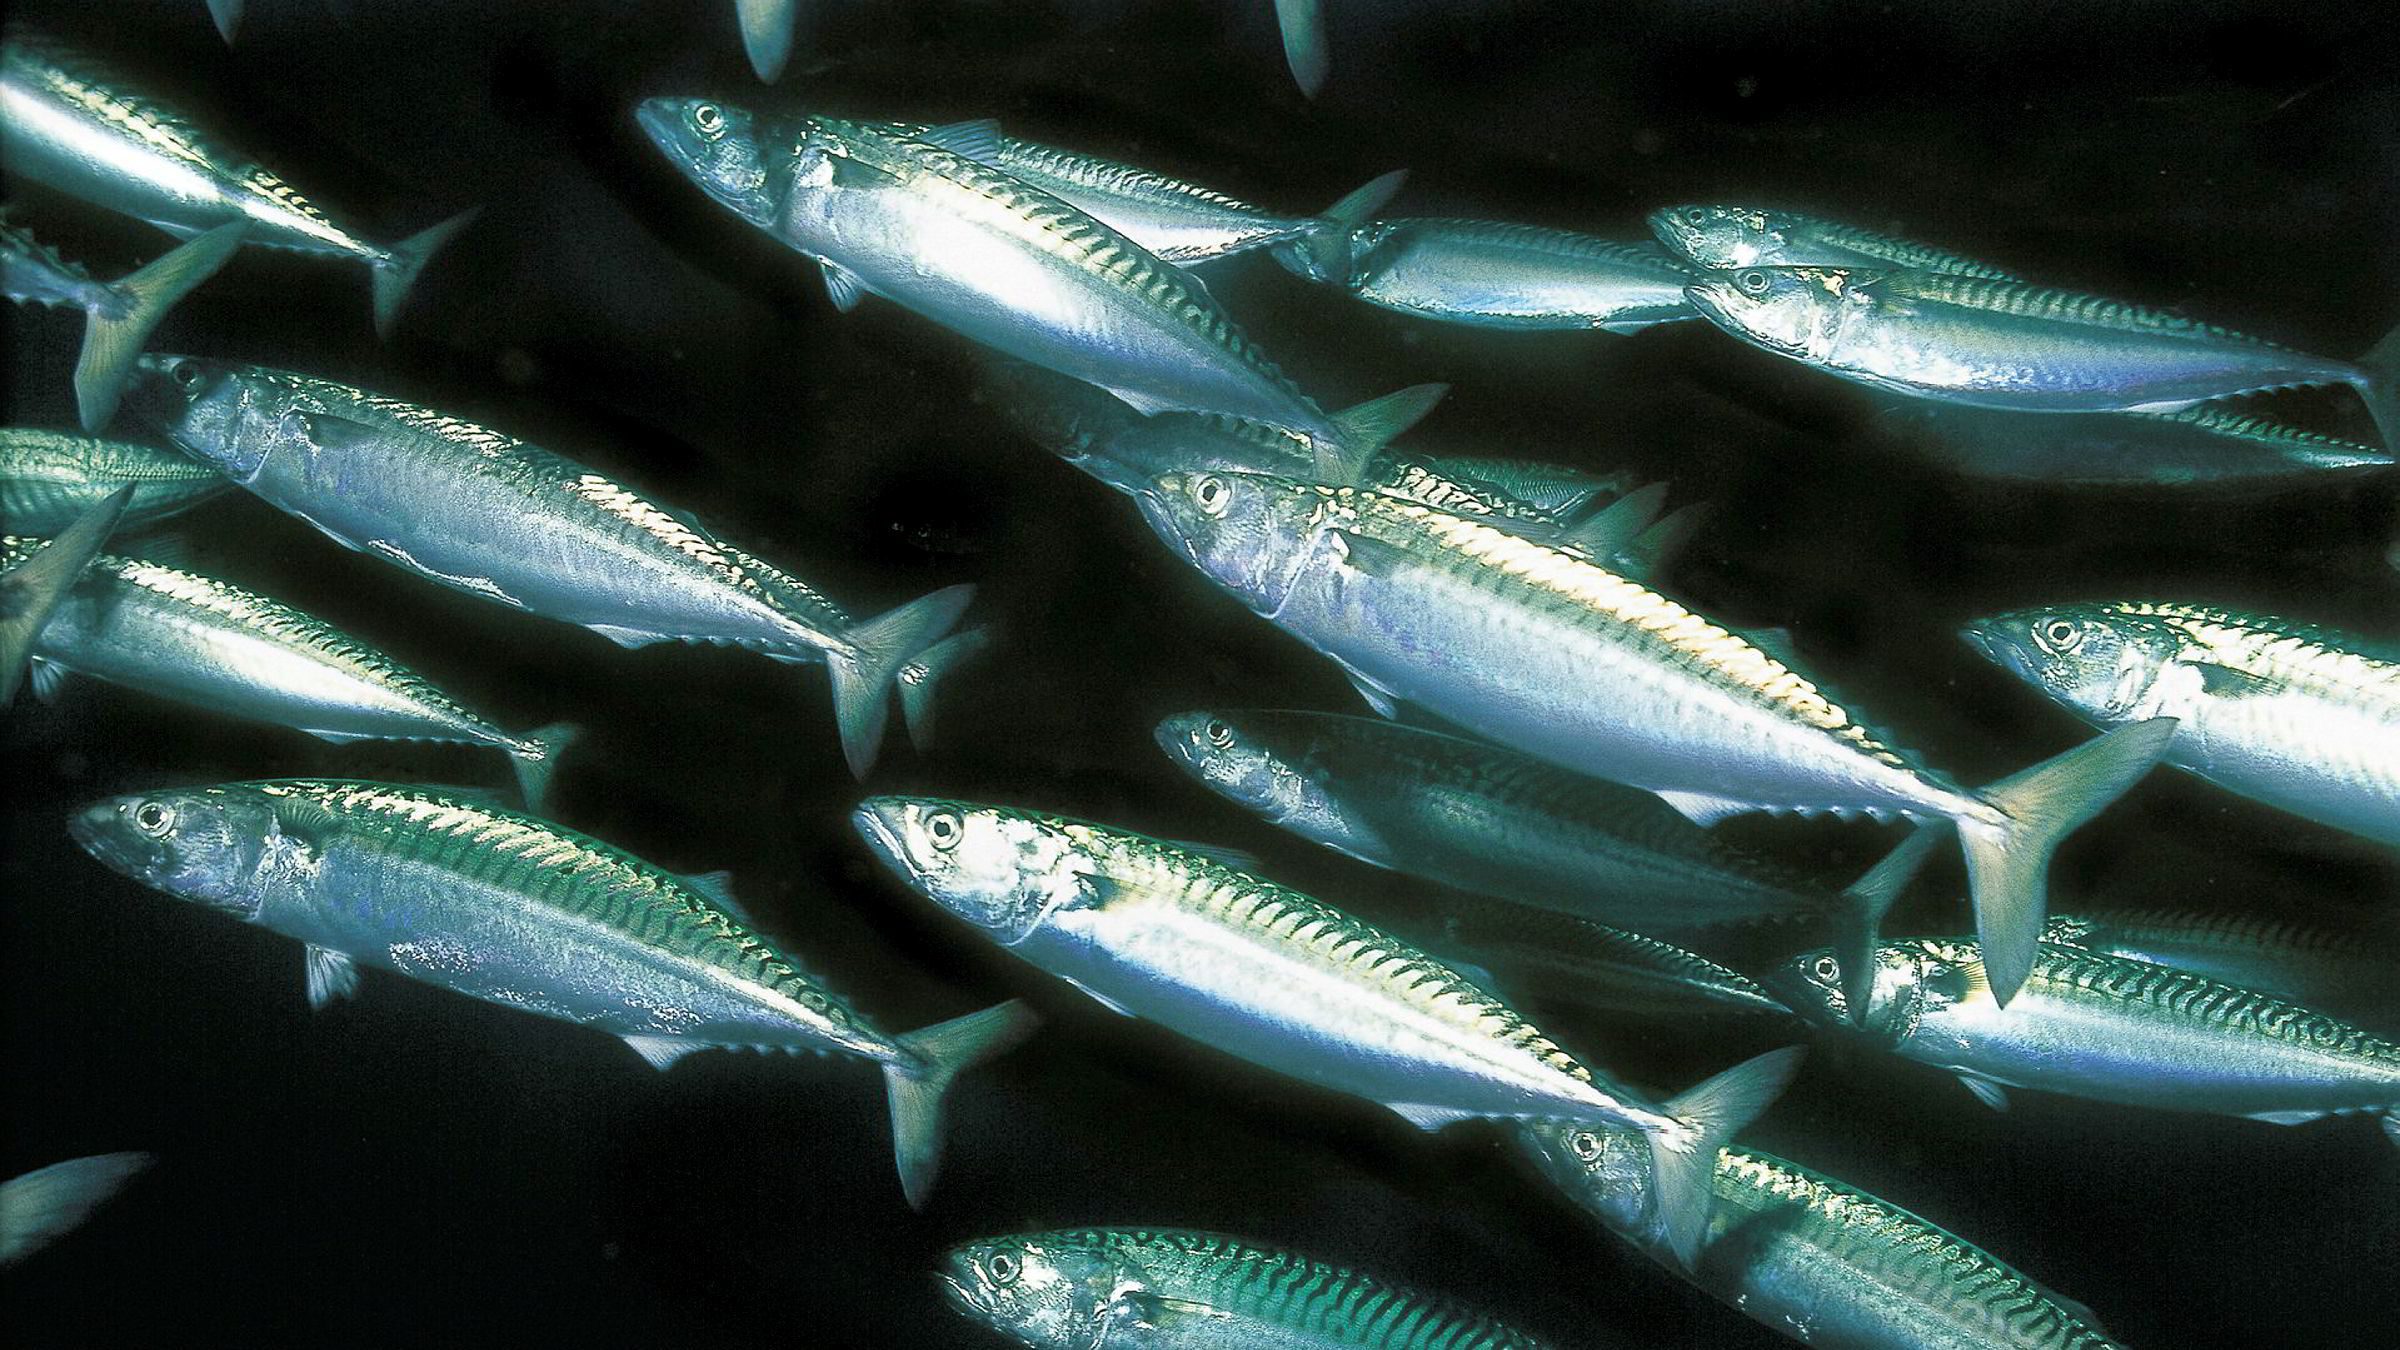 Den norske fiskeflåten overbeskatter vandrebestandene av pelagisk fisk i det nordøstlige Atlanterhavet: Sild, kolmule og makrell, hevder artikkelforfatteren.